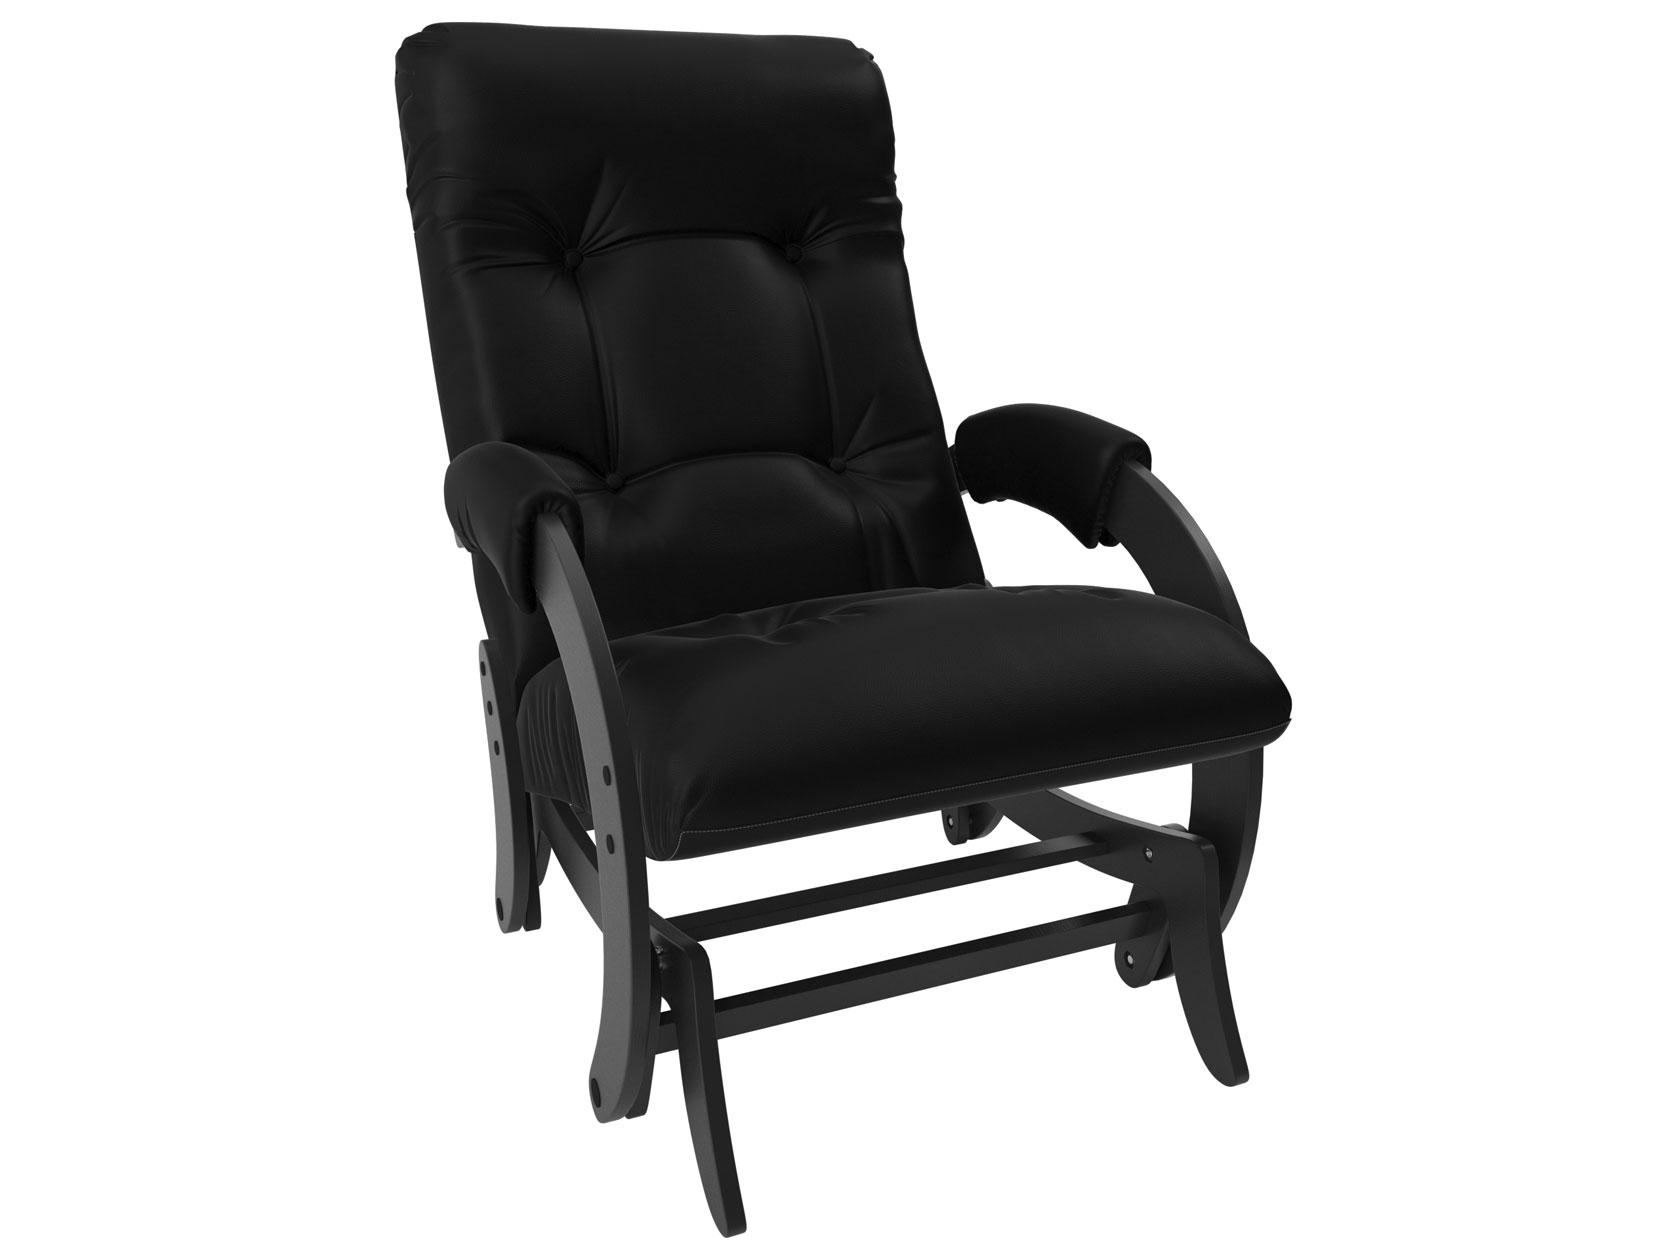 Кресло-глайдер Мебель Импэкс Комфорт Модель 68 венге, Vegas light black